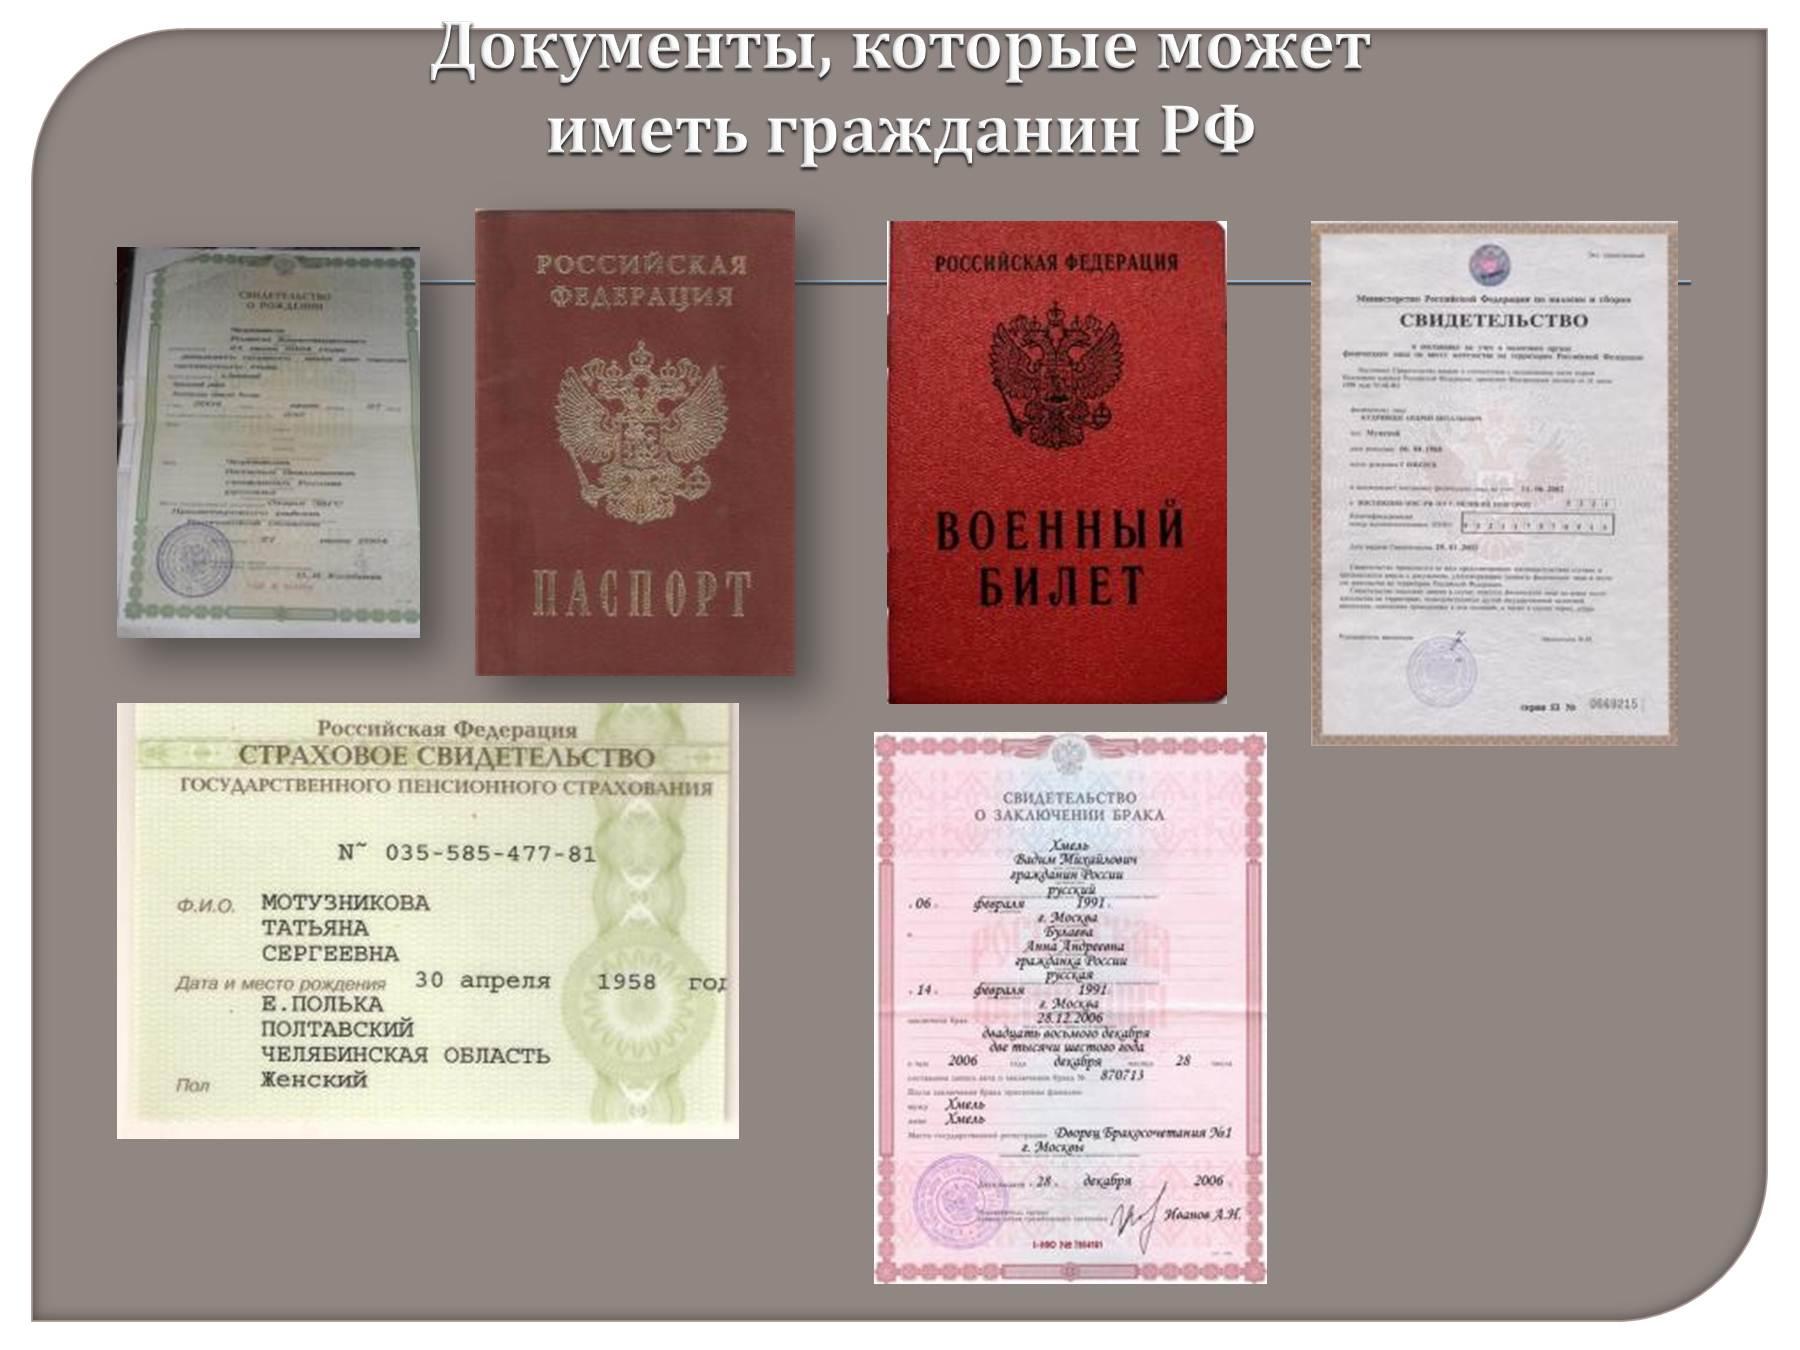 Архивный фонд Российской Федерации Портал «Архивы России»